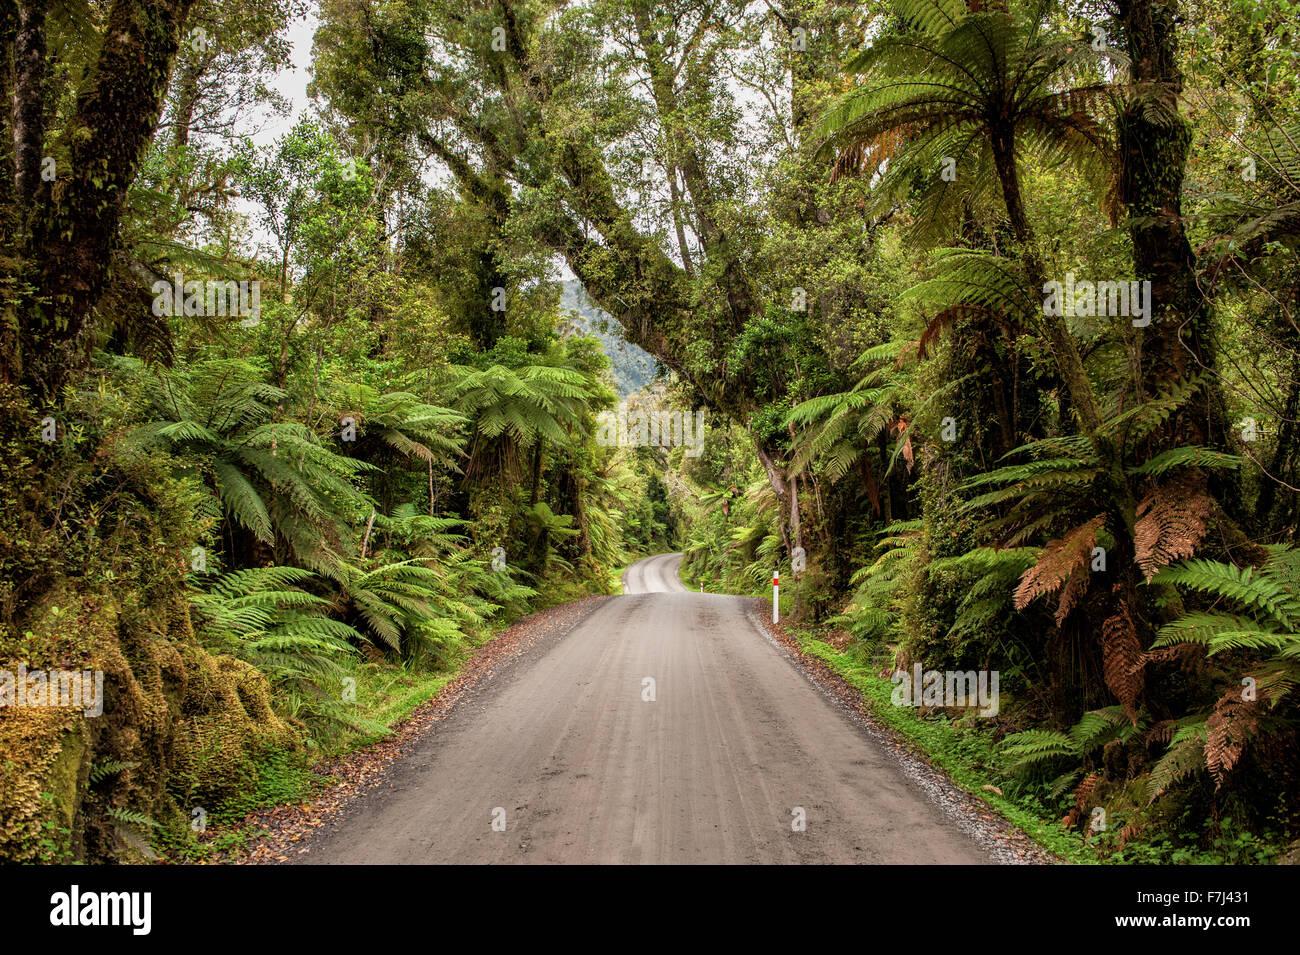 Route de gravier sinueuse à travers la forêt tropicale dans la région de Glacier Country, West Coast, Photo Stock